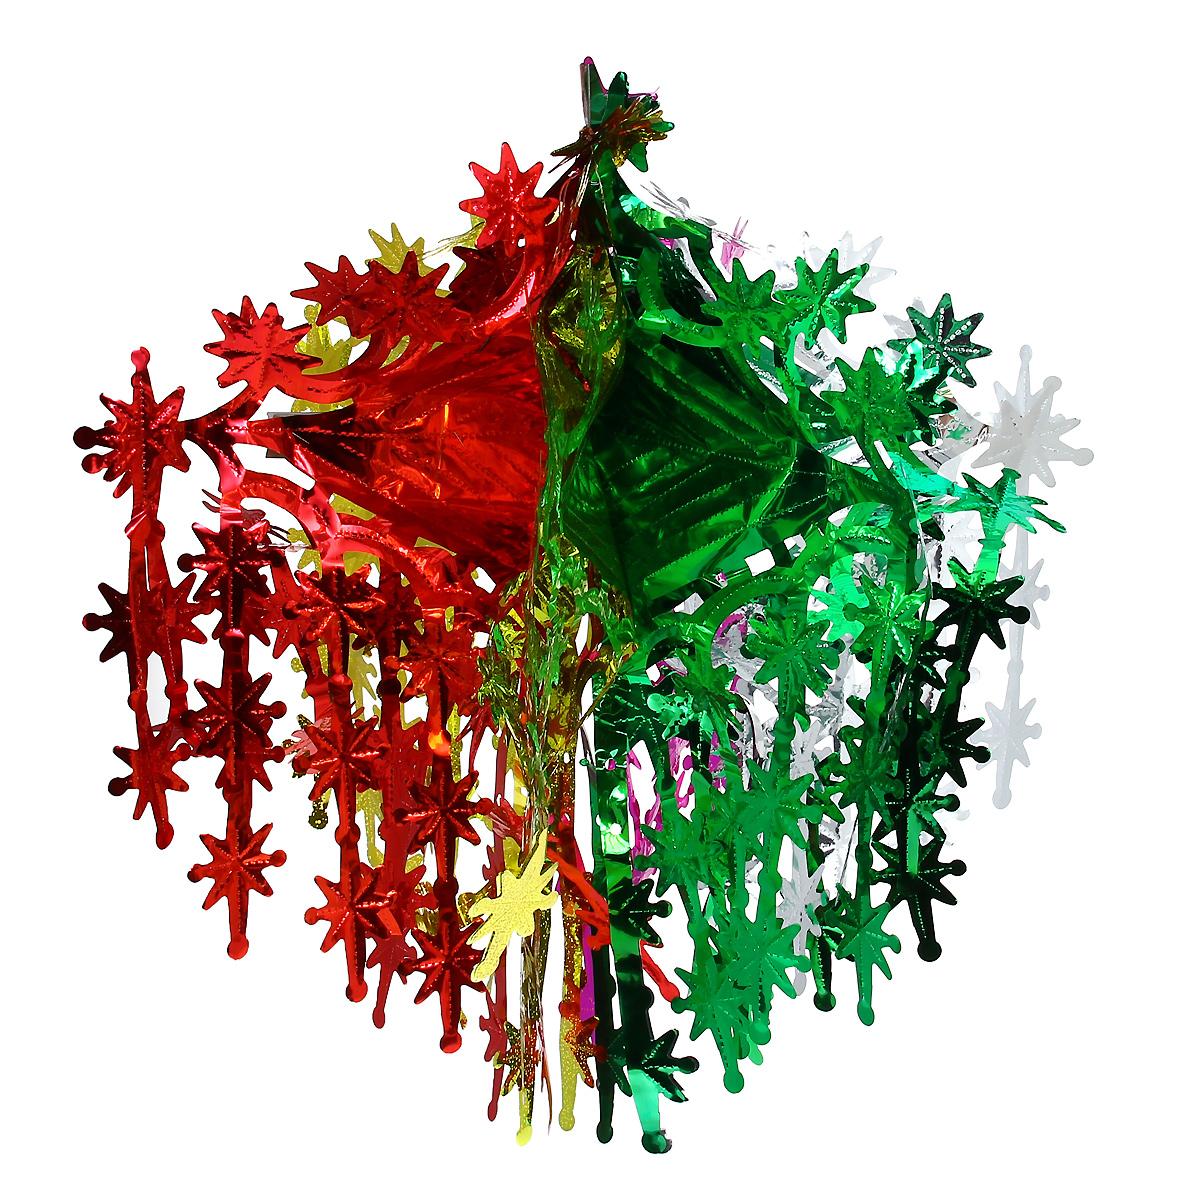 Новогодняя гирлянда Невероятные вензеля, цвет: мульти, 24 х 50 см 3438734387Новогодняя гирлянда прекрасно подойдет для декора дома или офиса. Украшение выполнено из разноцветной металлизированной фольги. С помощью специальных петелек гирлянду можно повесить в любом понравившемся вам месте. Украшение легко складывается и раскладывается.Новогодние украшения несут в себе волшебство и красоту праздника. Они помогут вам украсить дом к предстоящим праздникам и оживить интерьер по вашему вкусу. Создайте в доме атмосферу тепла, веселья и радости, украшая его всей семьей.